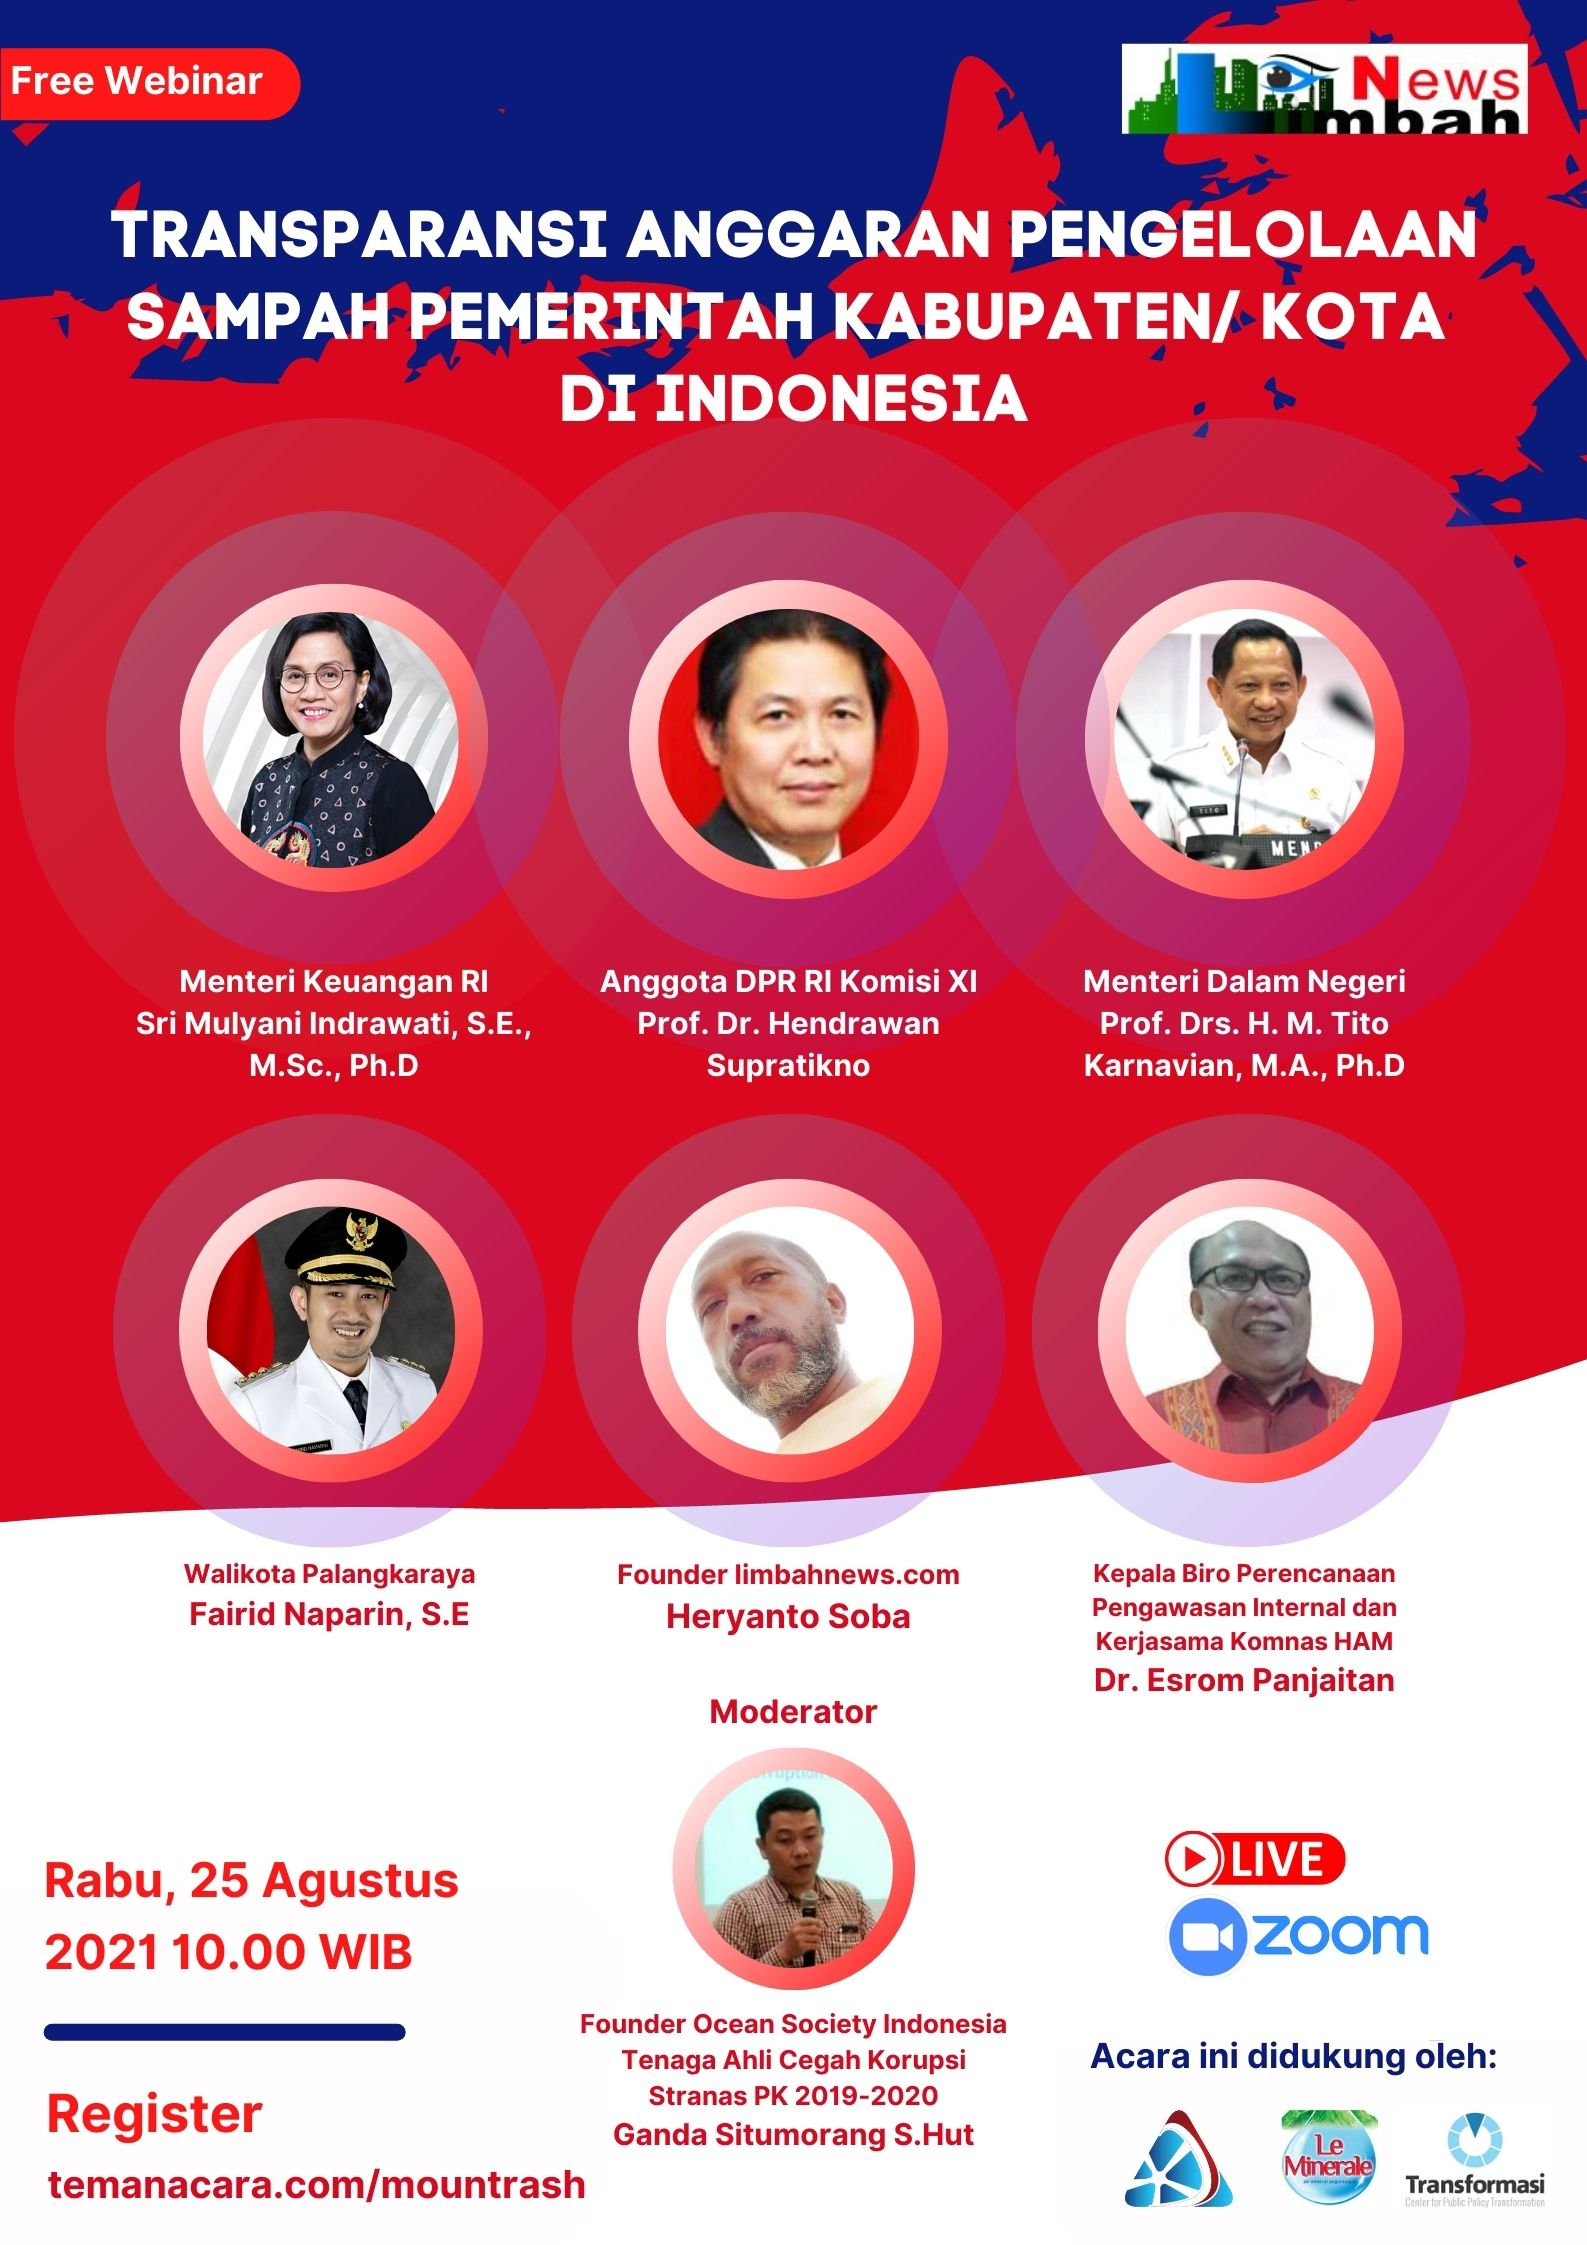 WEBINAR: TRANSPARANSI ANGGARAN PENGELOLAAN SAMPAH DI PEMERINTAH KABUPATEN/ KOTA DI INDONESIA